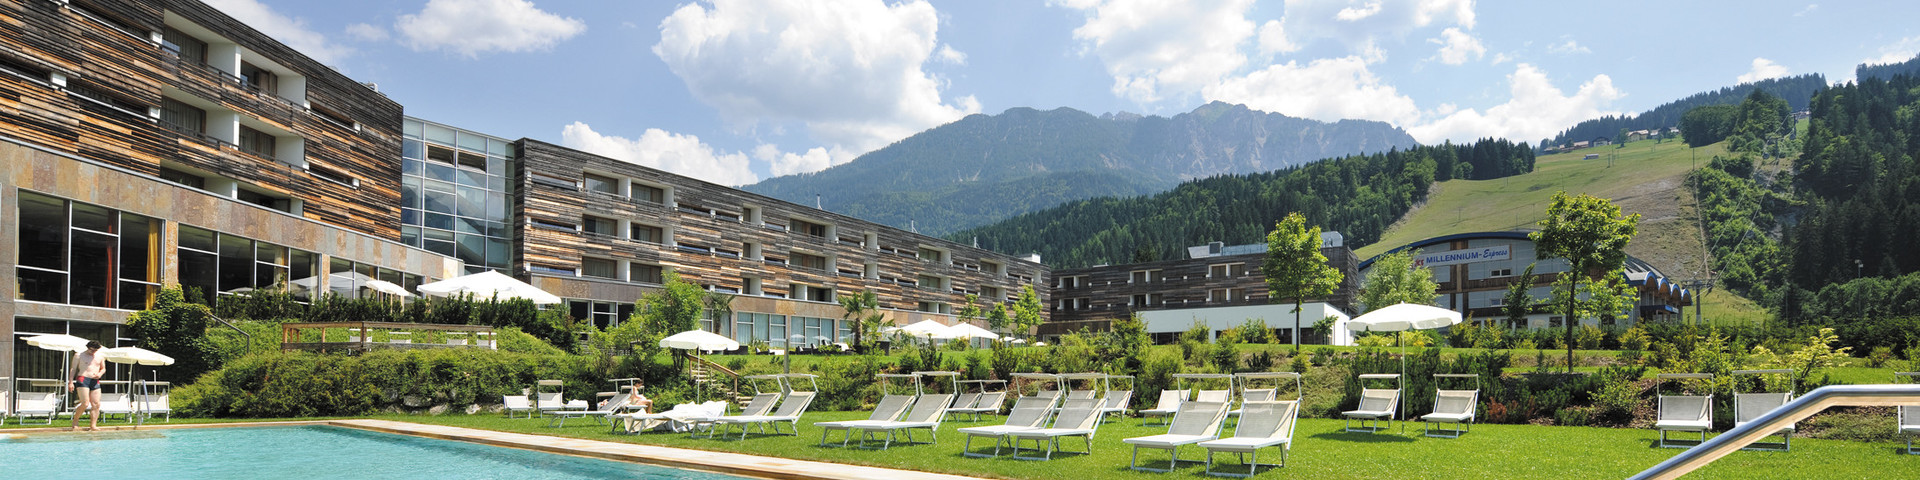 Falkensteiner Hotel & Spa Carinzia - Aussenansicht Sommer mit Pool © Falkensteiner Hotels & Residences